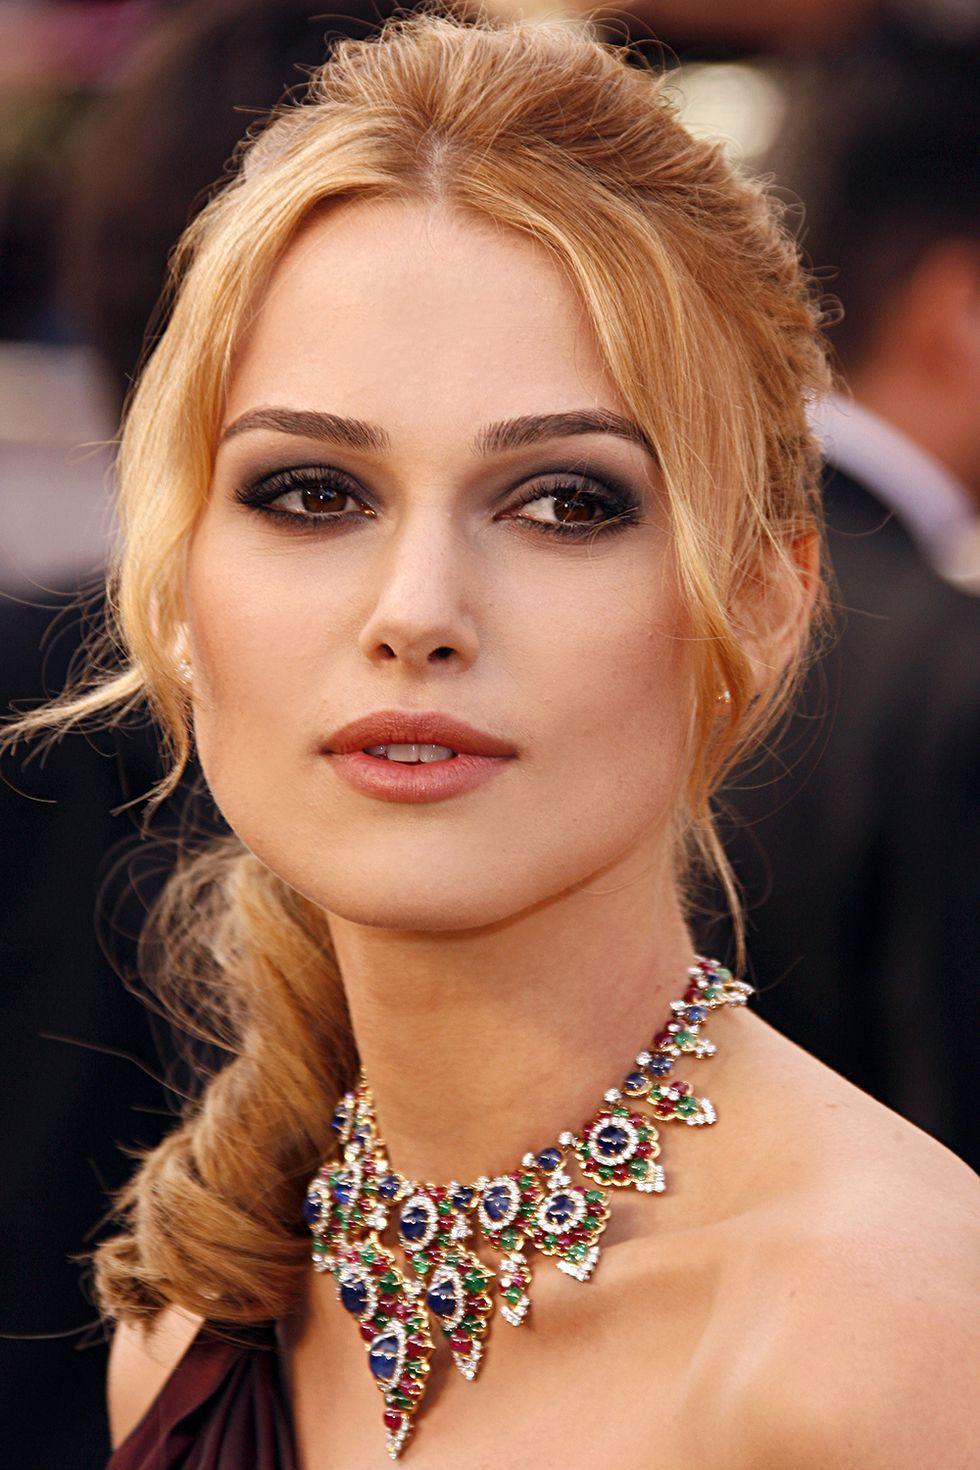 Τα 19 καλύτερα Οσκαρικά beauty Looks όλων των εποχών